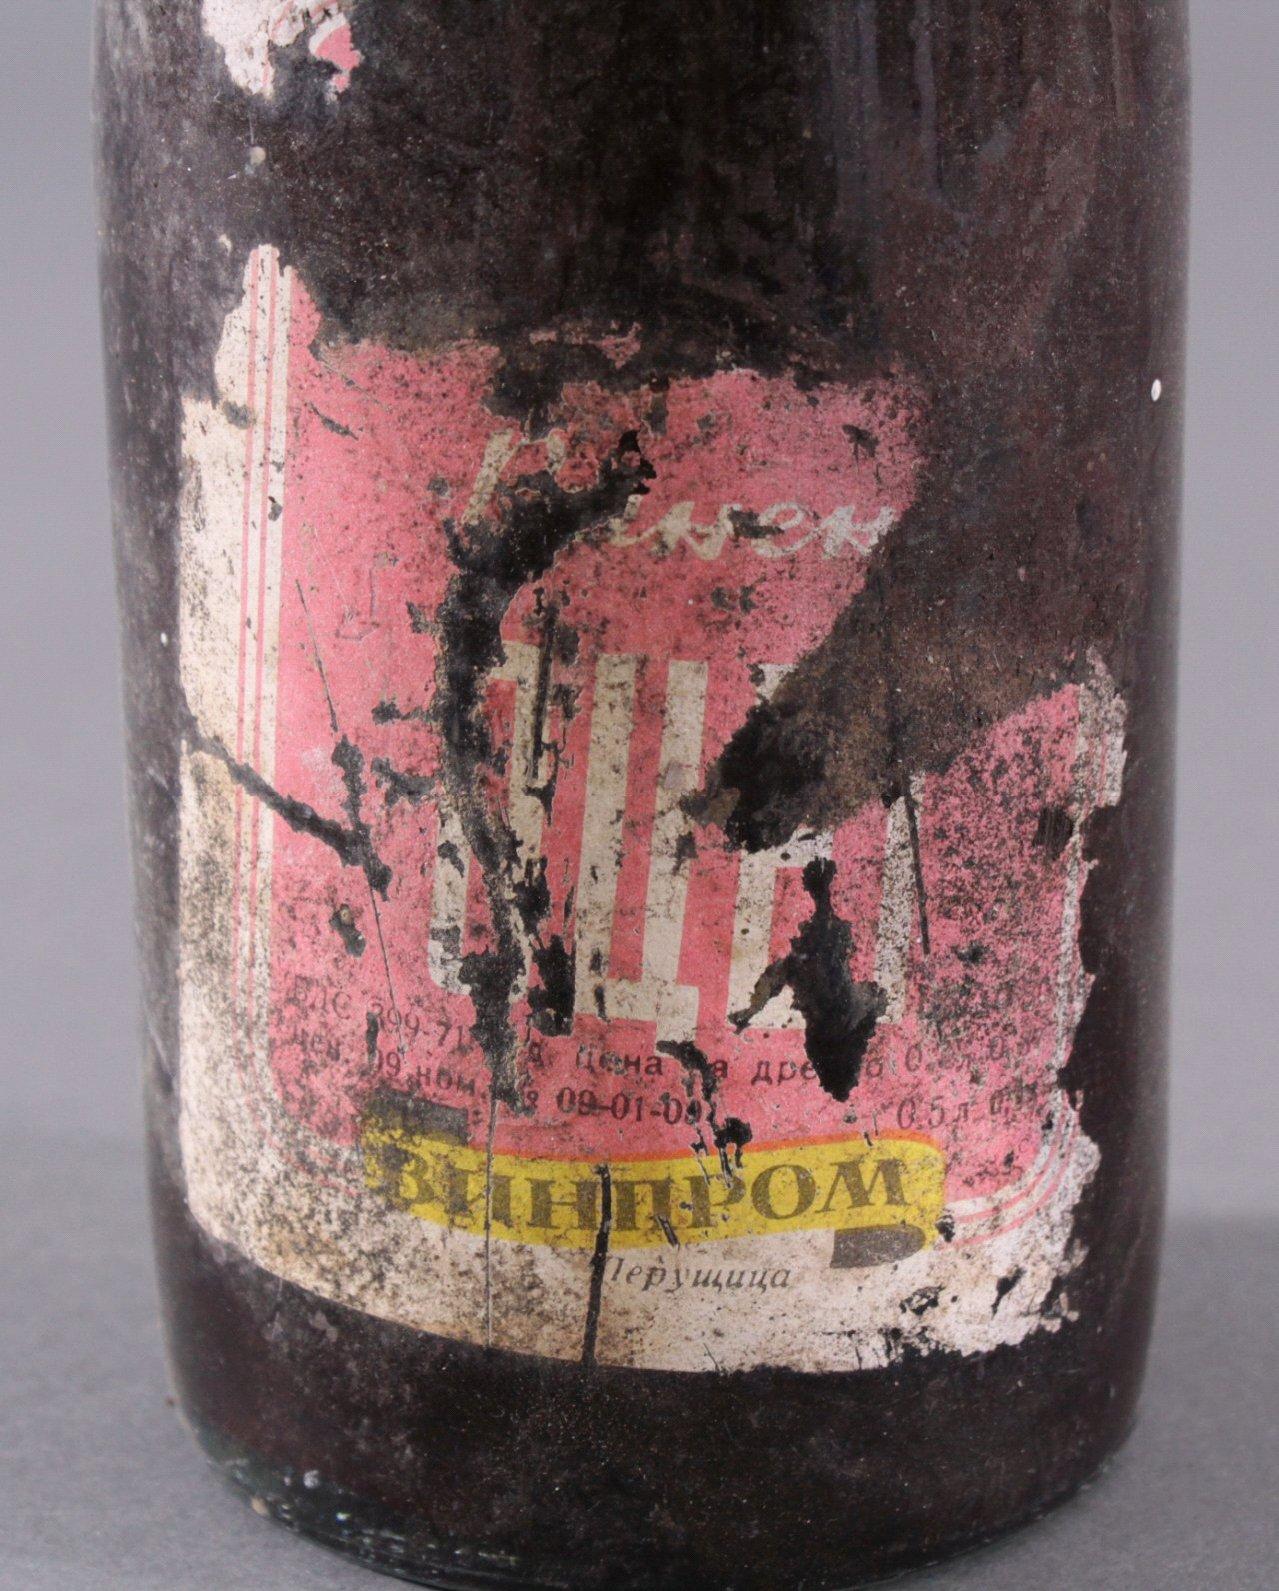 Antike Flasche Wein, ohne Datumsangabe-4